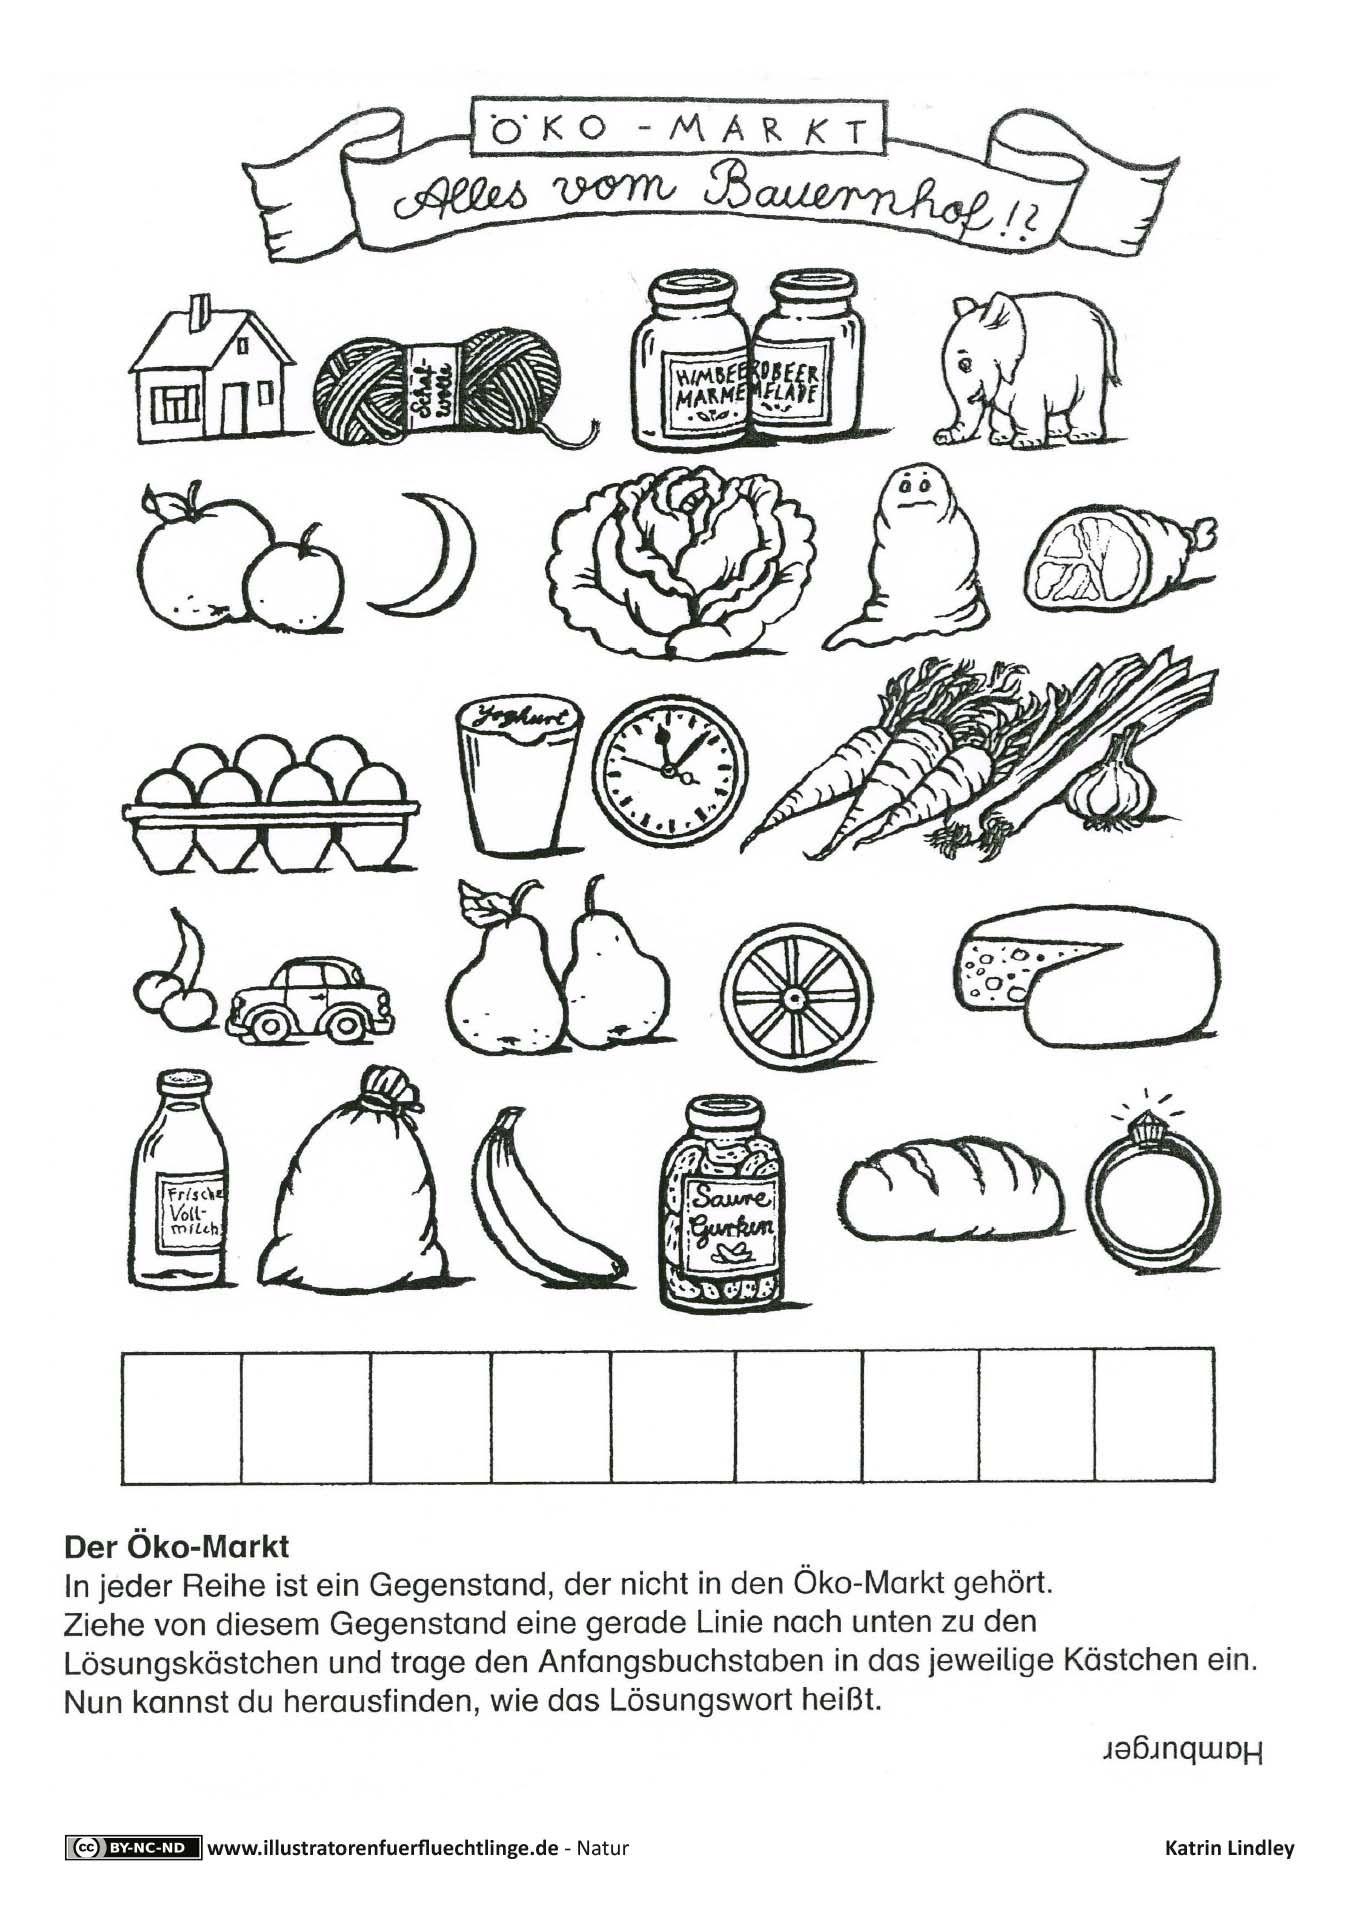 bauernhof hofladen markt r tsel kiga hofladen hof und bauern. Black Bedroom Furniture Sets. Home Design Ideas